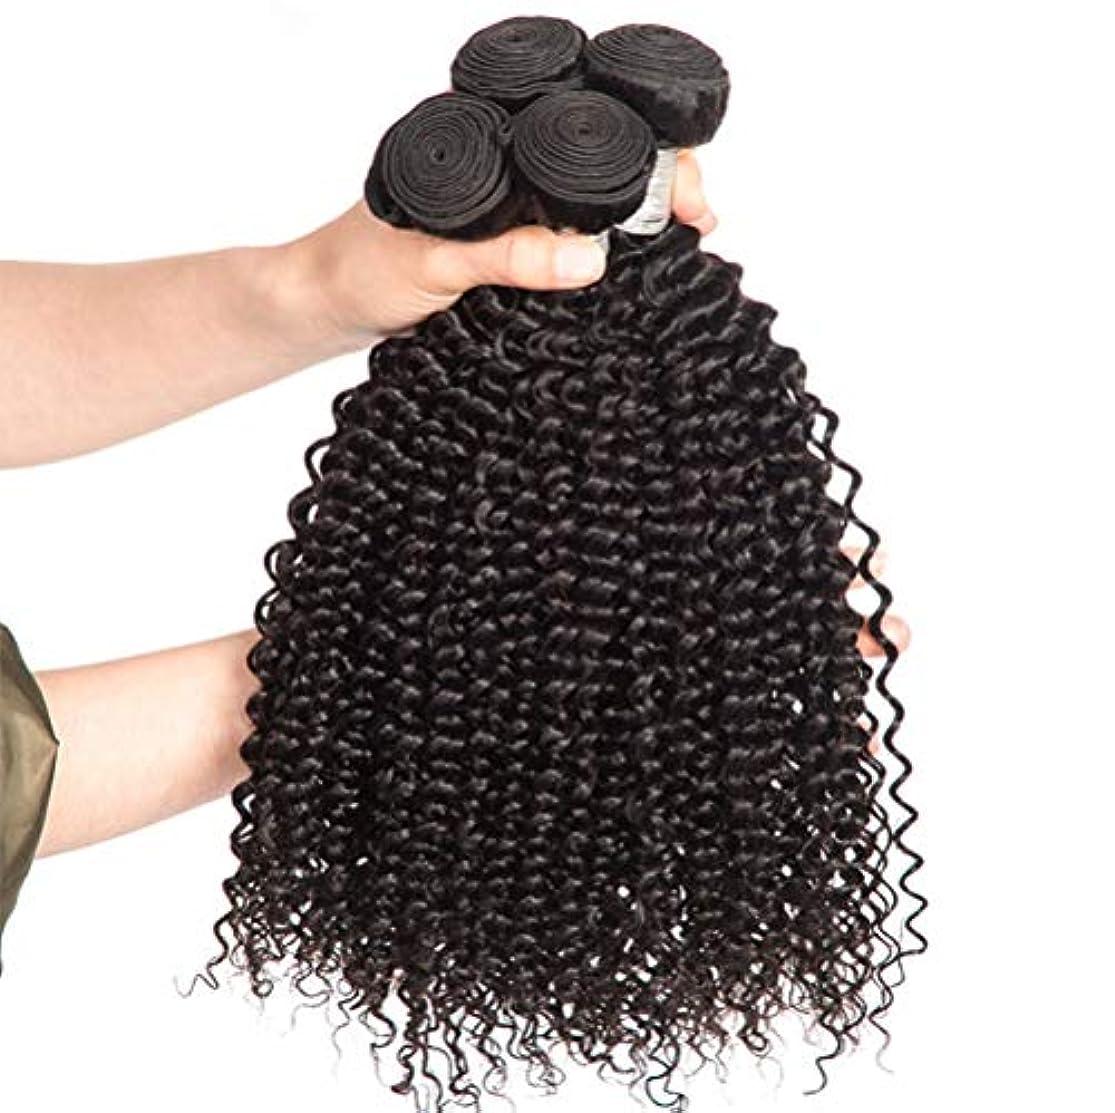 外科医ホールド聖職者女性150%密度ブラジルの変態カーリーヘアバンドルブラジルの髪1バンドルブラジル人毛バンドルカーリーヘア